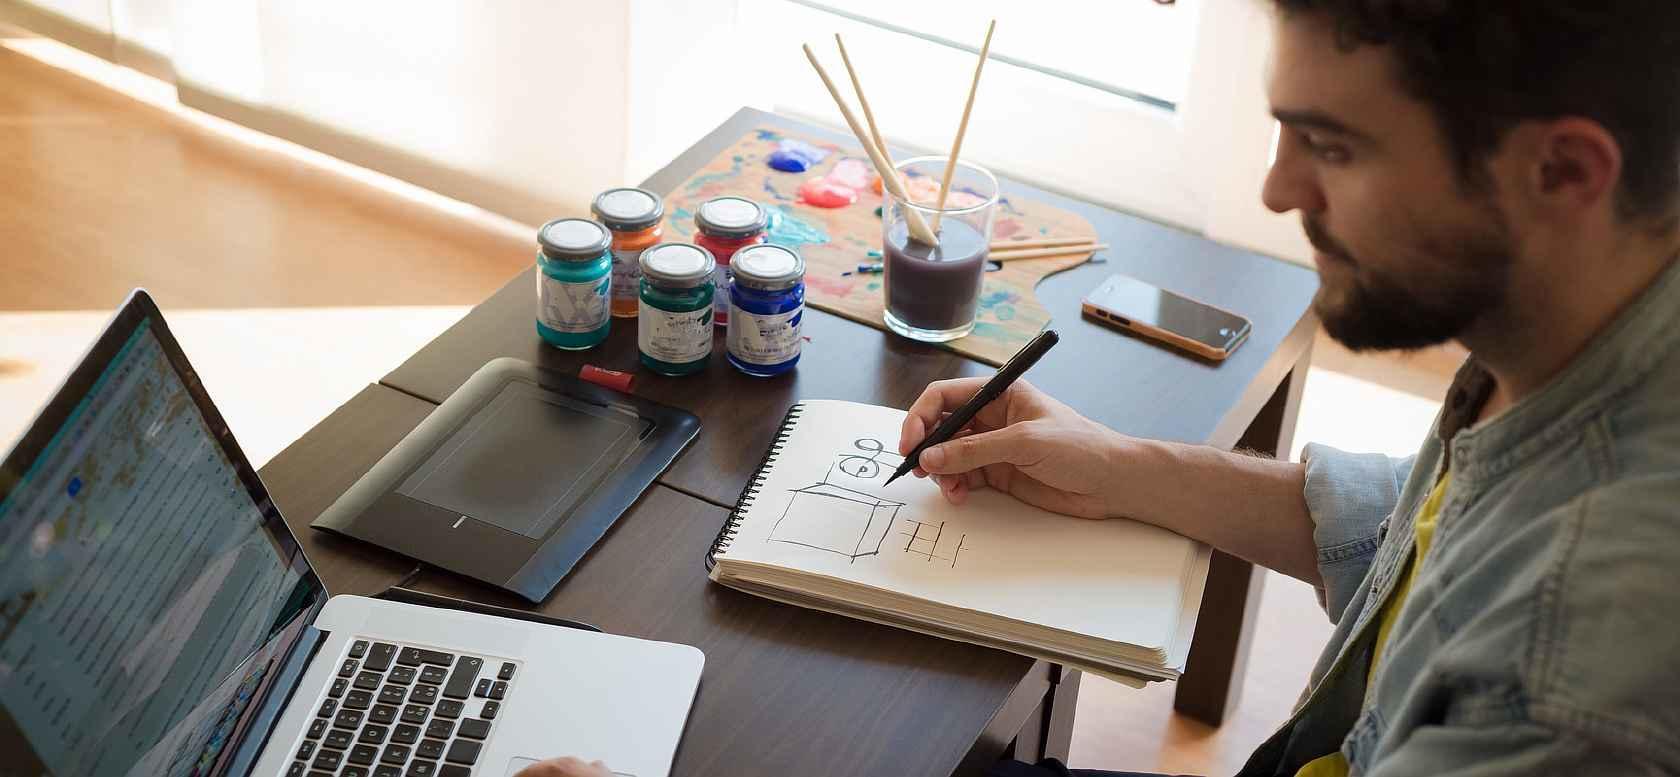 Лучше всего обратиться к профессиональным дизайнерам: это будет являться гарантией того, что работа <u>окна</u> будет выполнена качественно